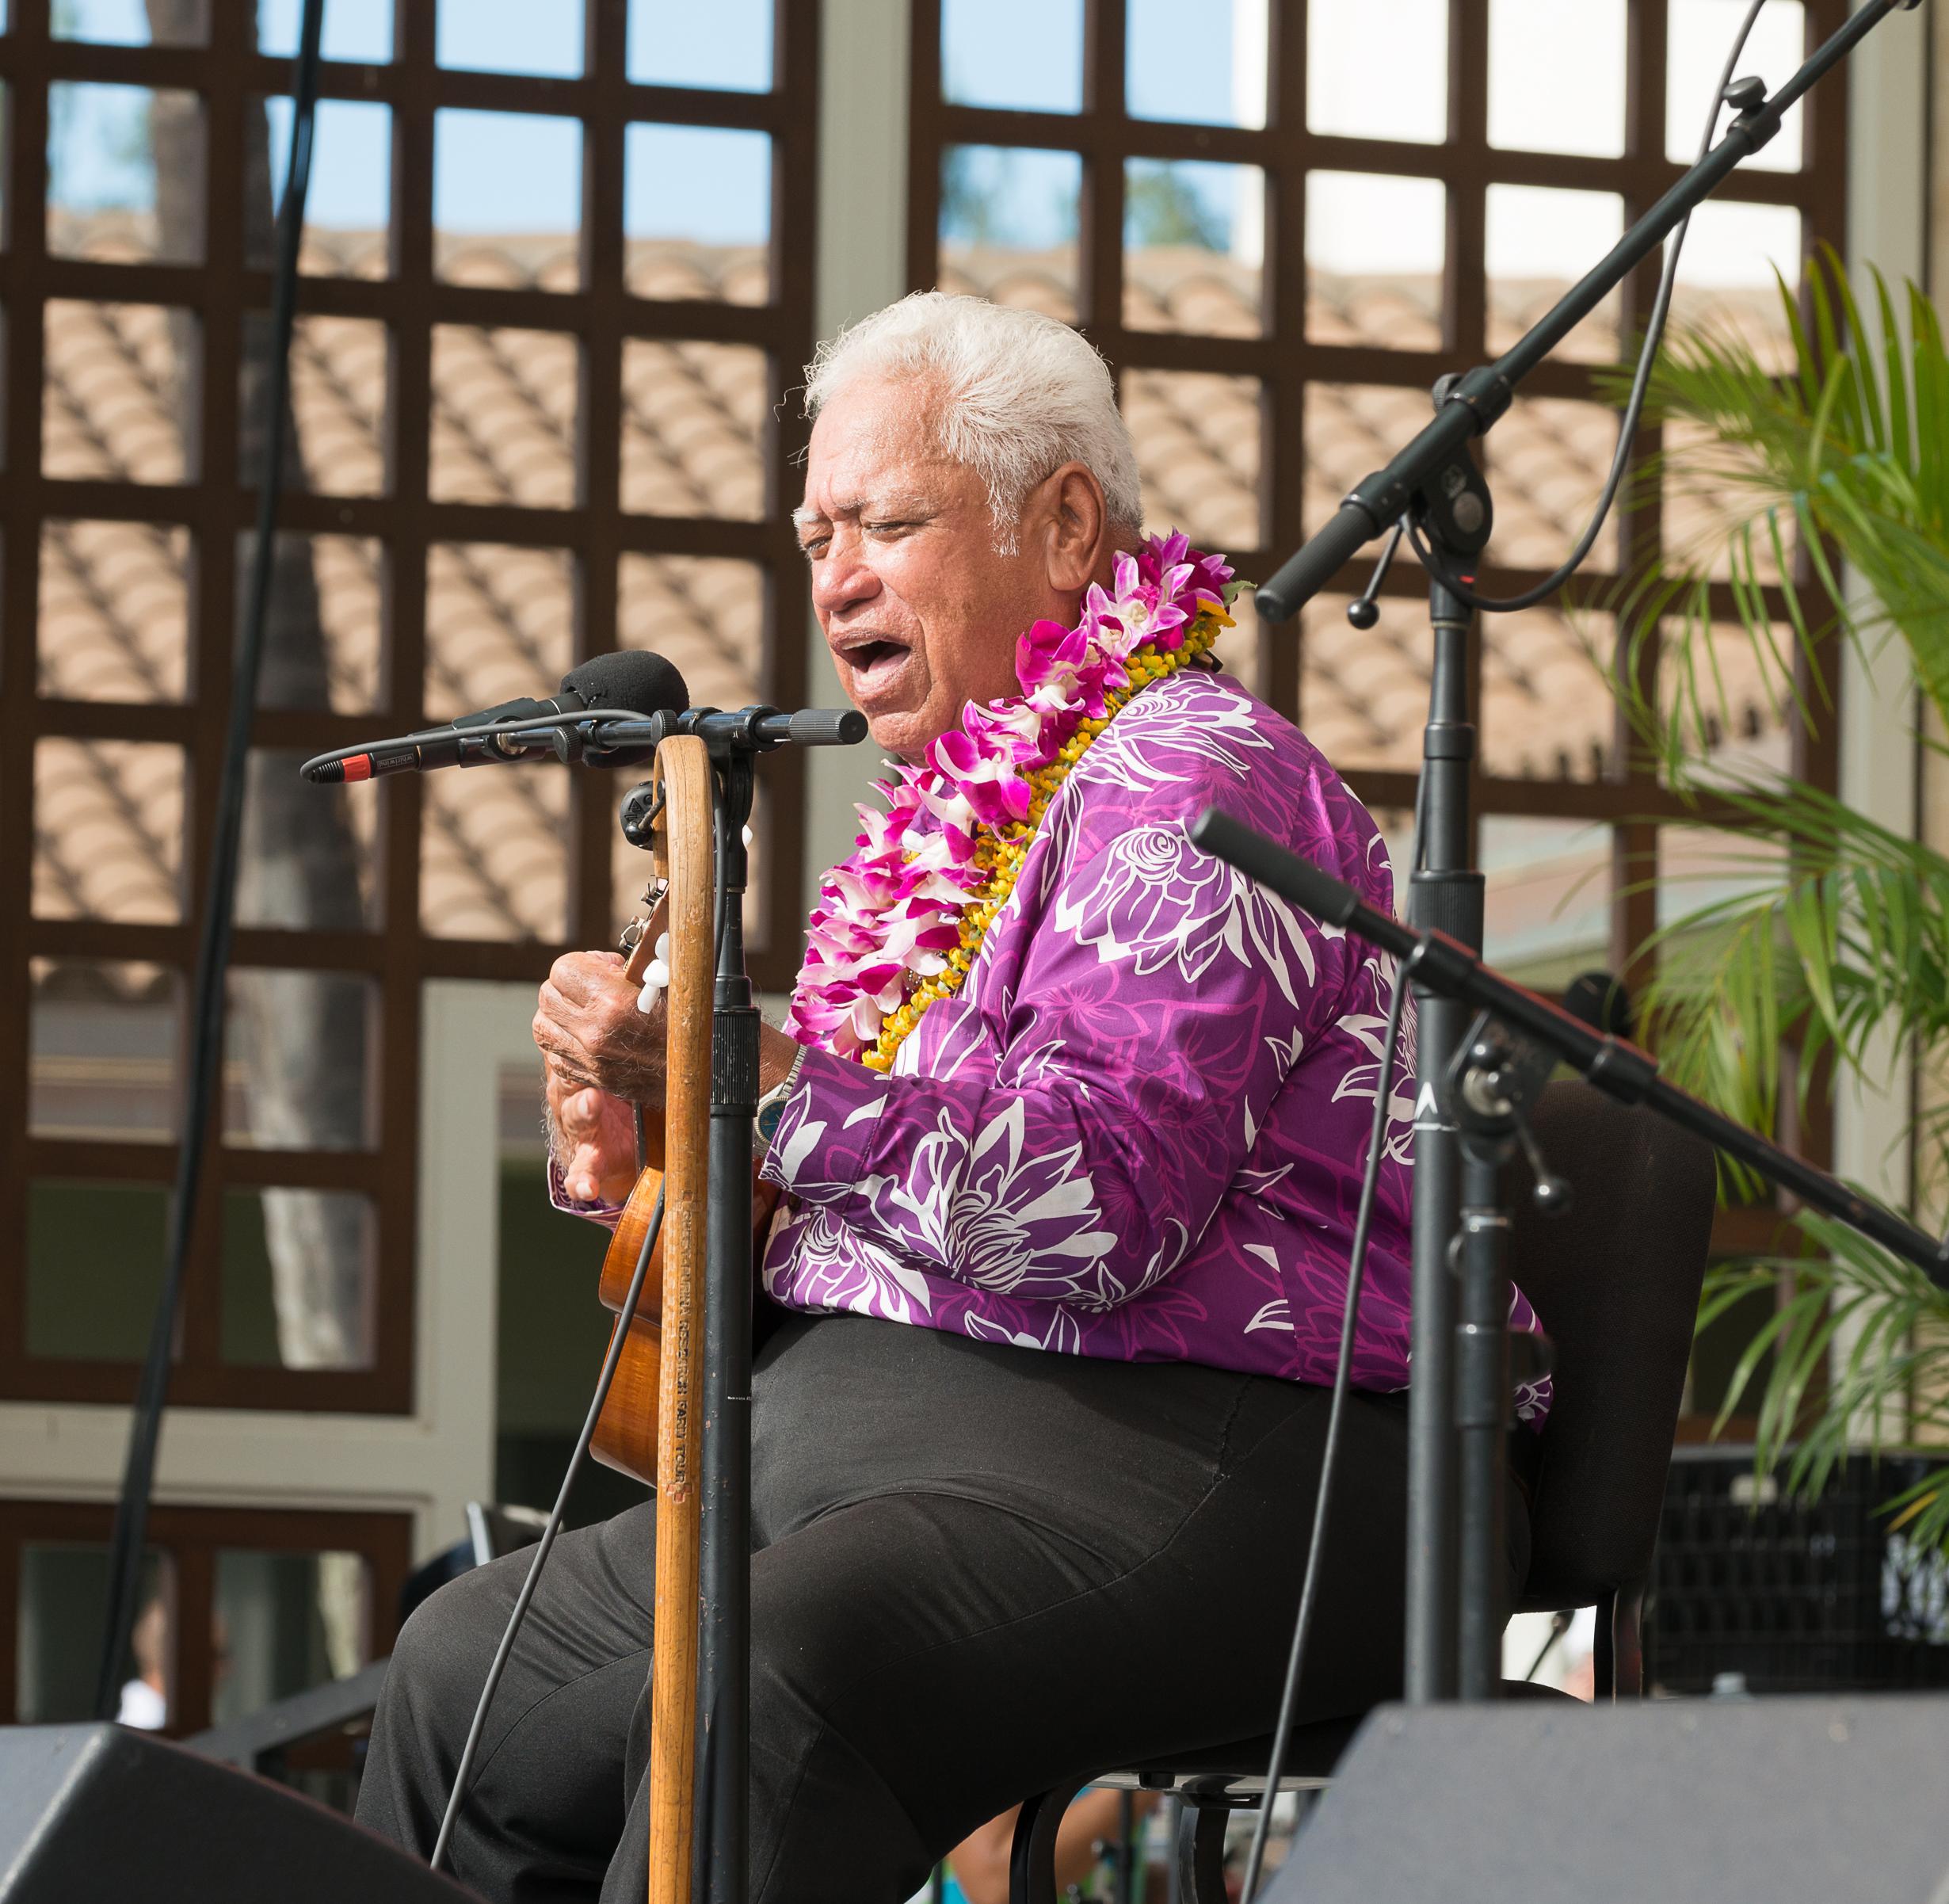 11th Annual Maui 'Ukulele Festival. PC: Richard Hoʻopiʻi, credit Aubrey Hord Photography.